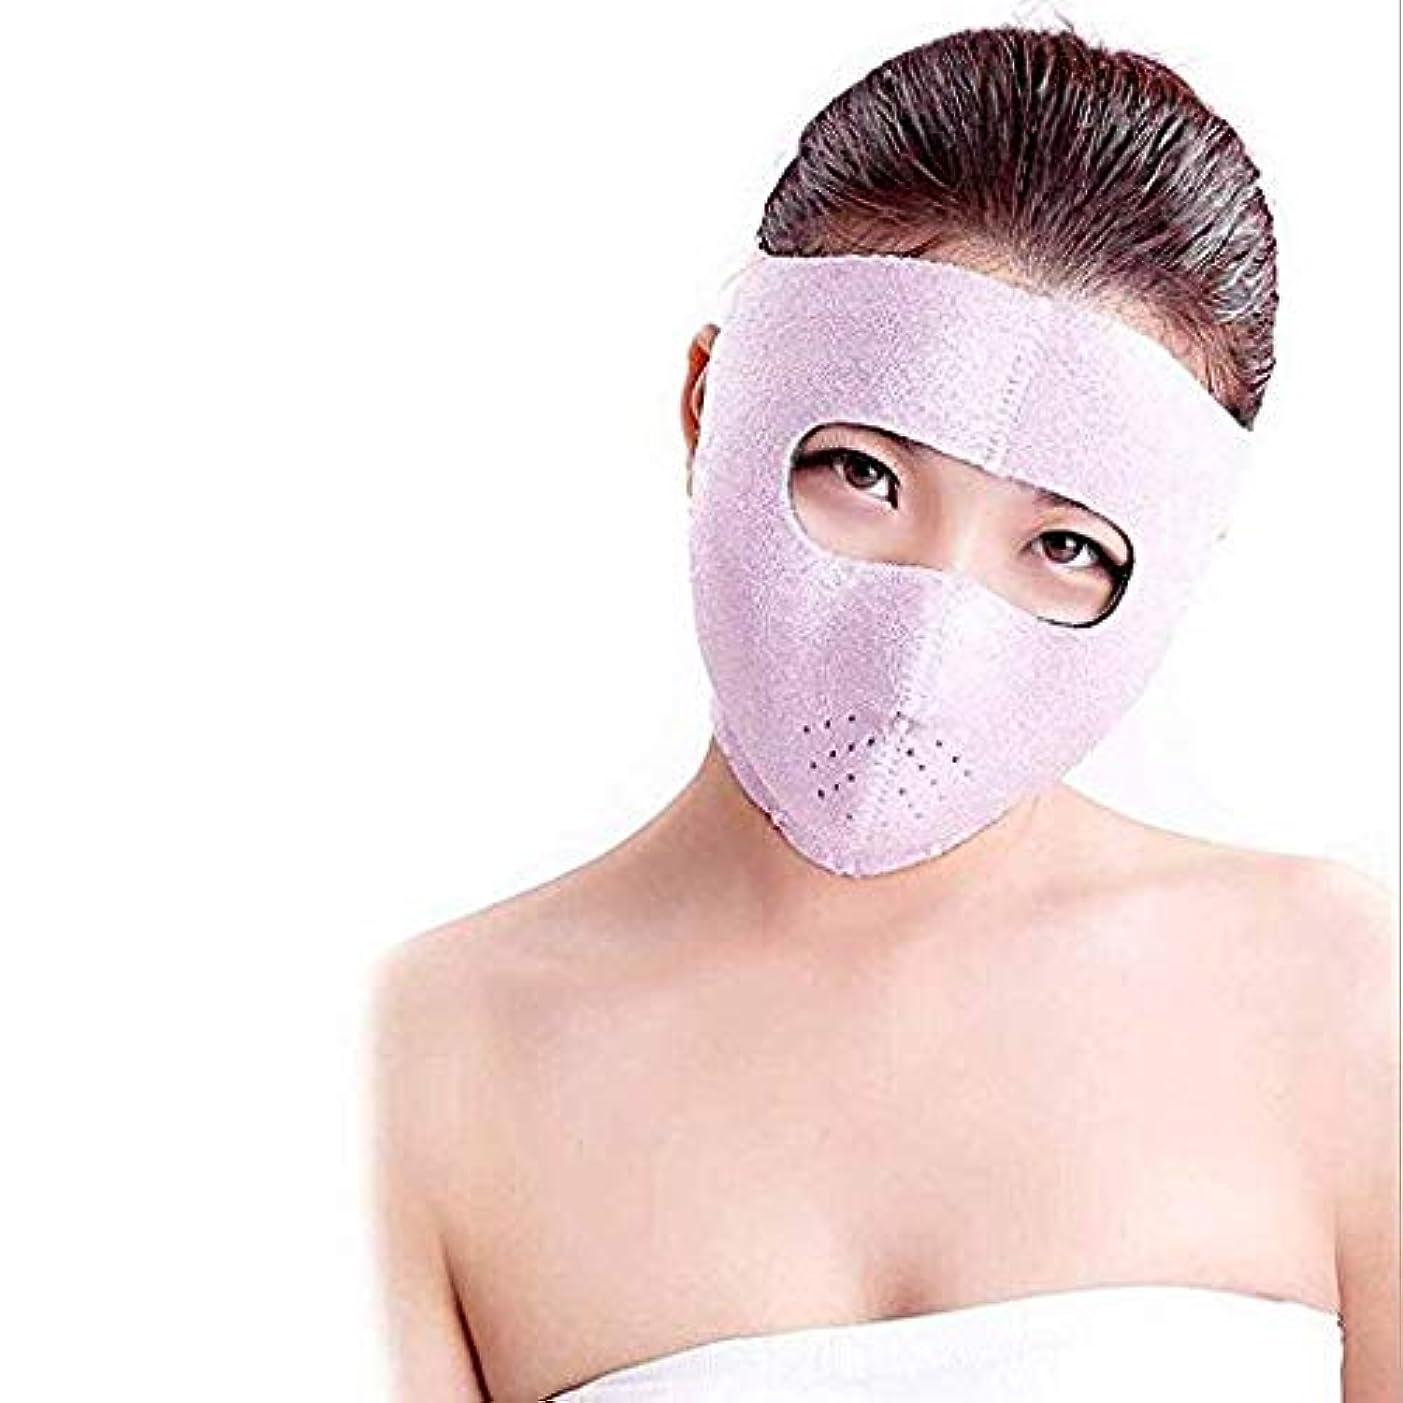 くそーコーデリア作業小顔ベルト 薄い顔ベルト マスク 矯正 美顔 顔痩せ 日焼け防止 全顔カバー レディ 防尘 通気性 顔保護 顔美容 全顔包帯 耳かけ 全顔 日遮る 額かばう フェイスパック